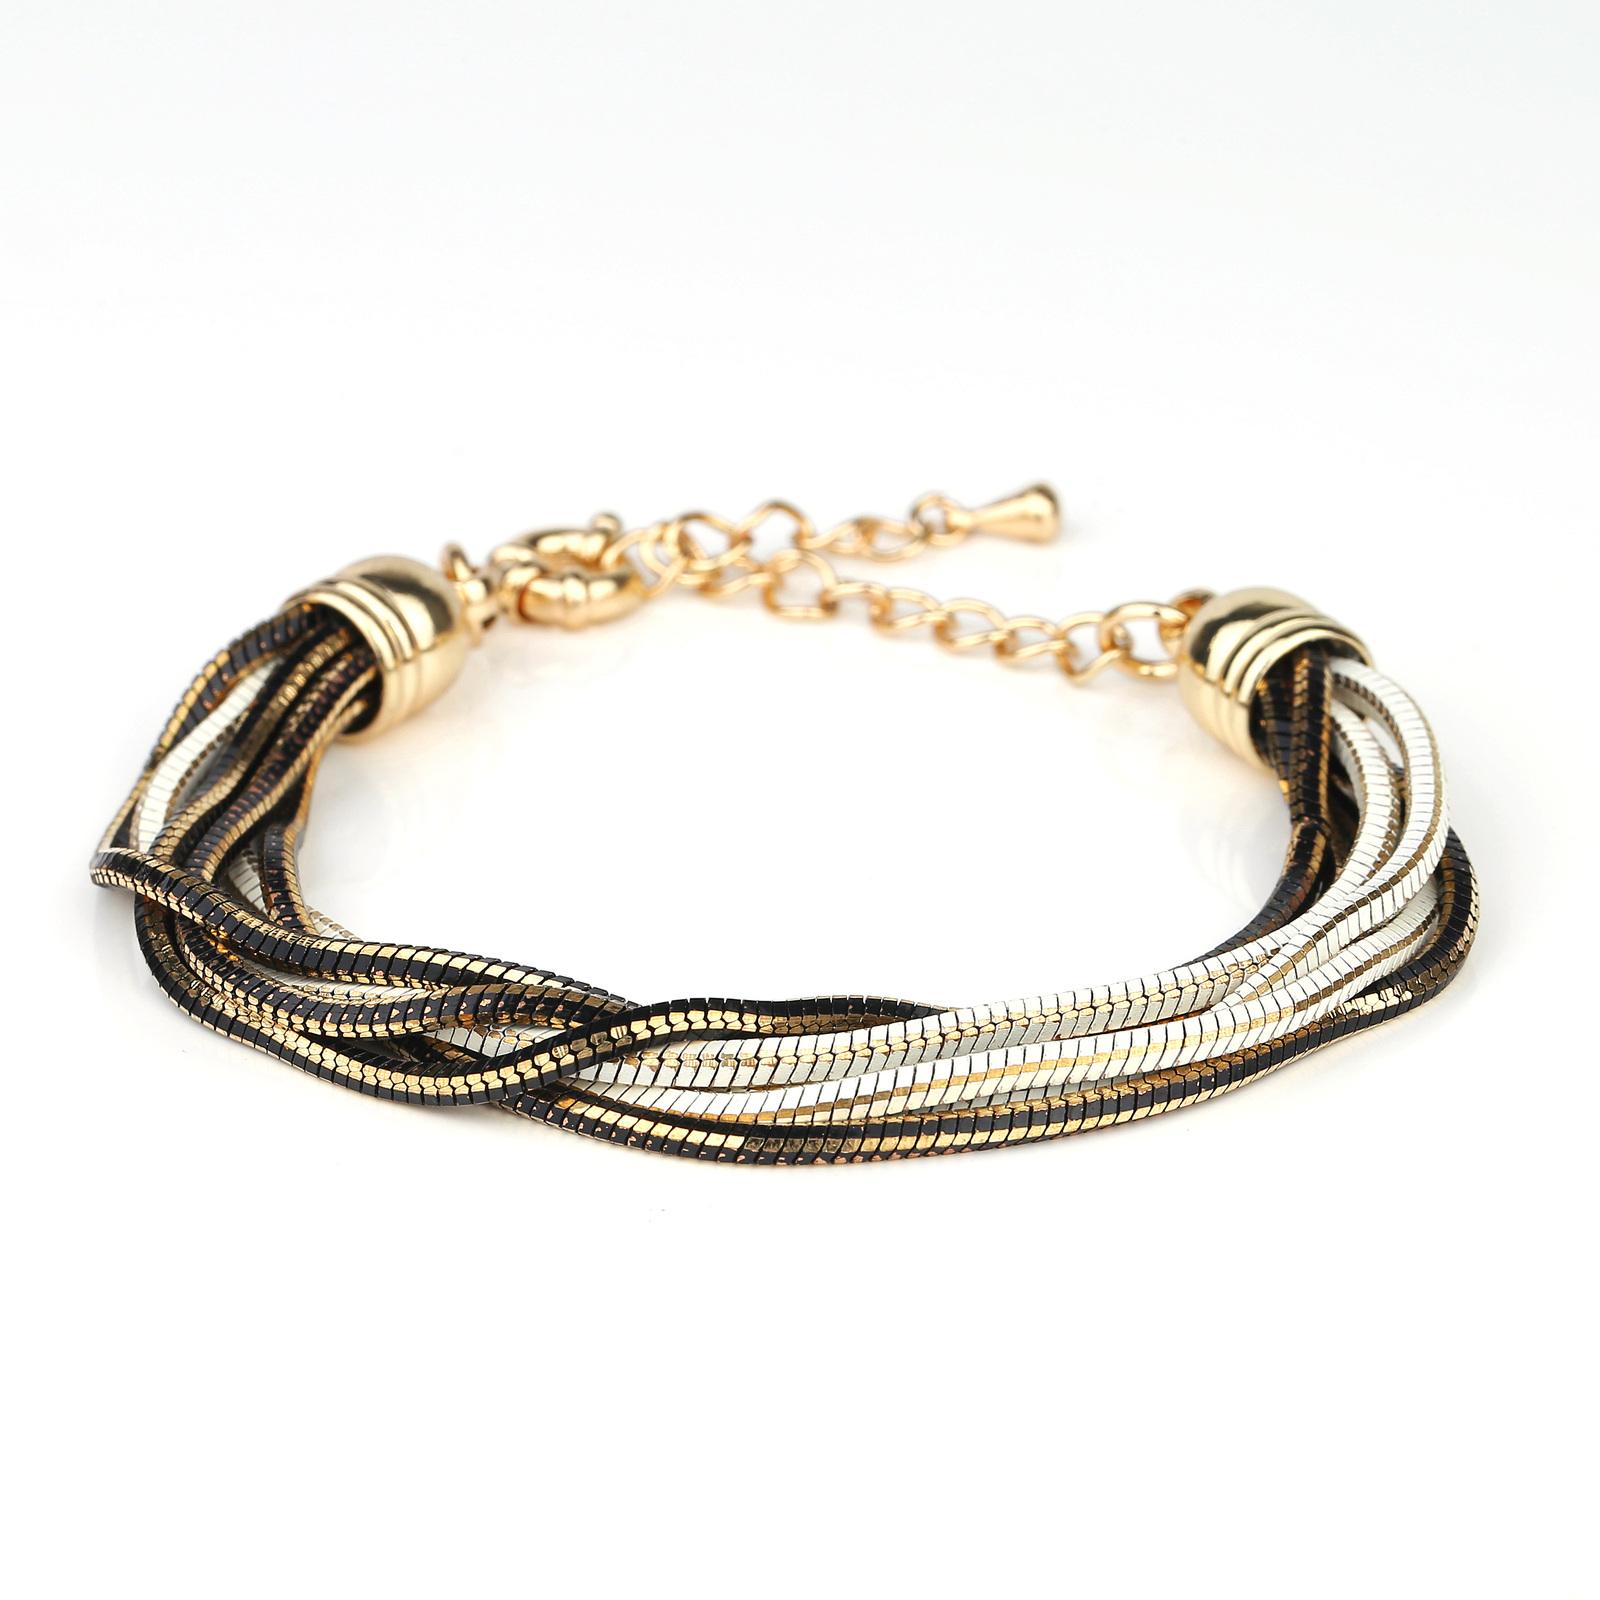 UE- Stylish Multi Strand Gold Tone Designer Bracelet With Black & White Overlay